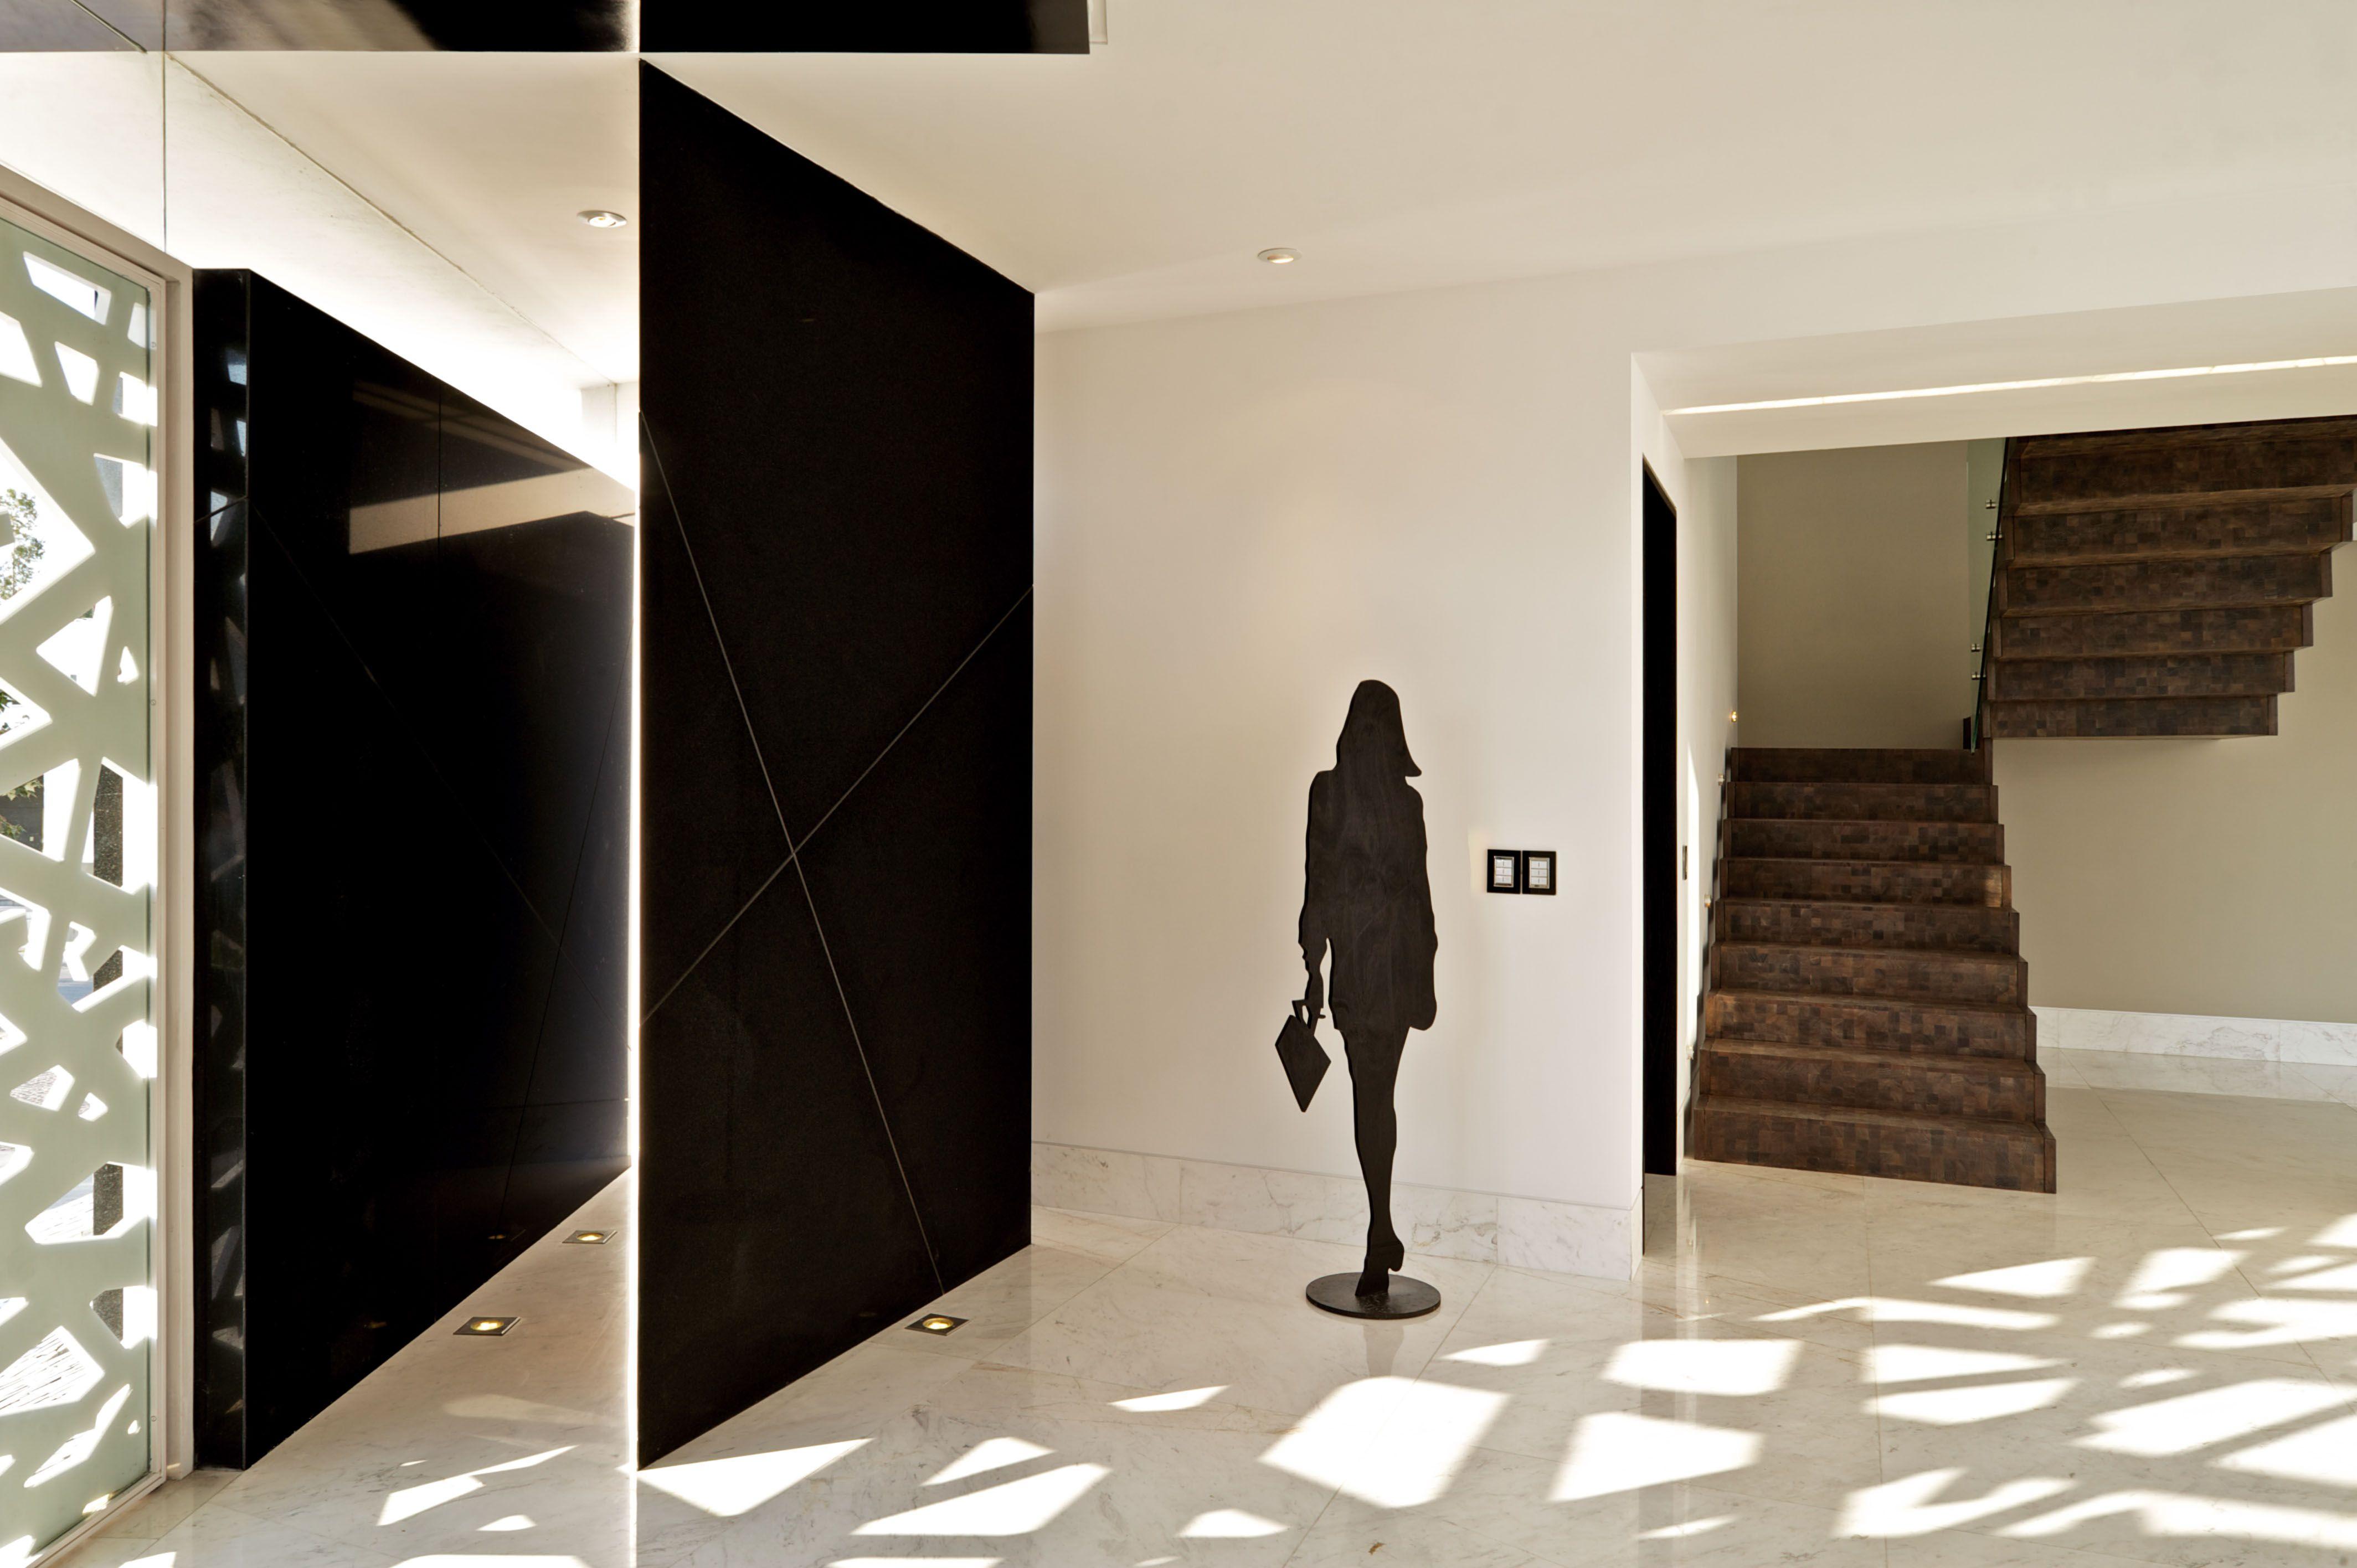 Muros de espejos decorativos pictures to pin on pinterest - Espejos grandes decorativos ...